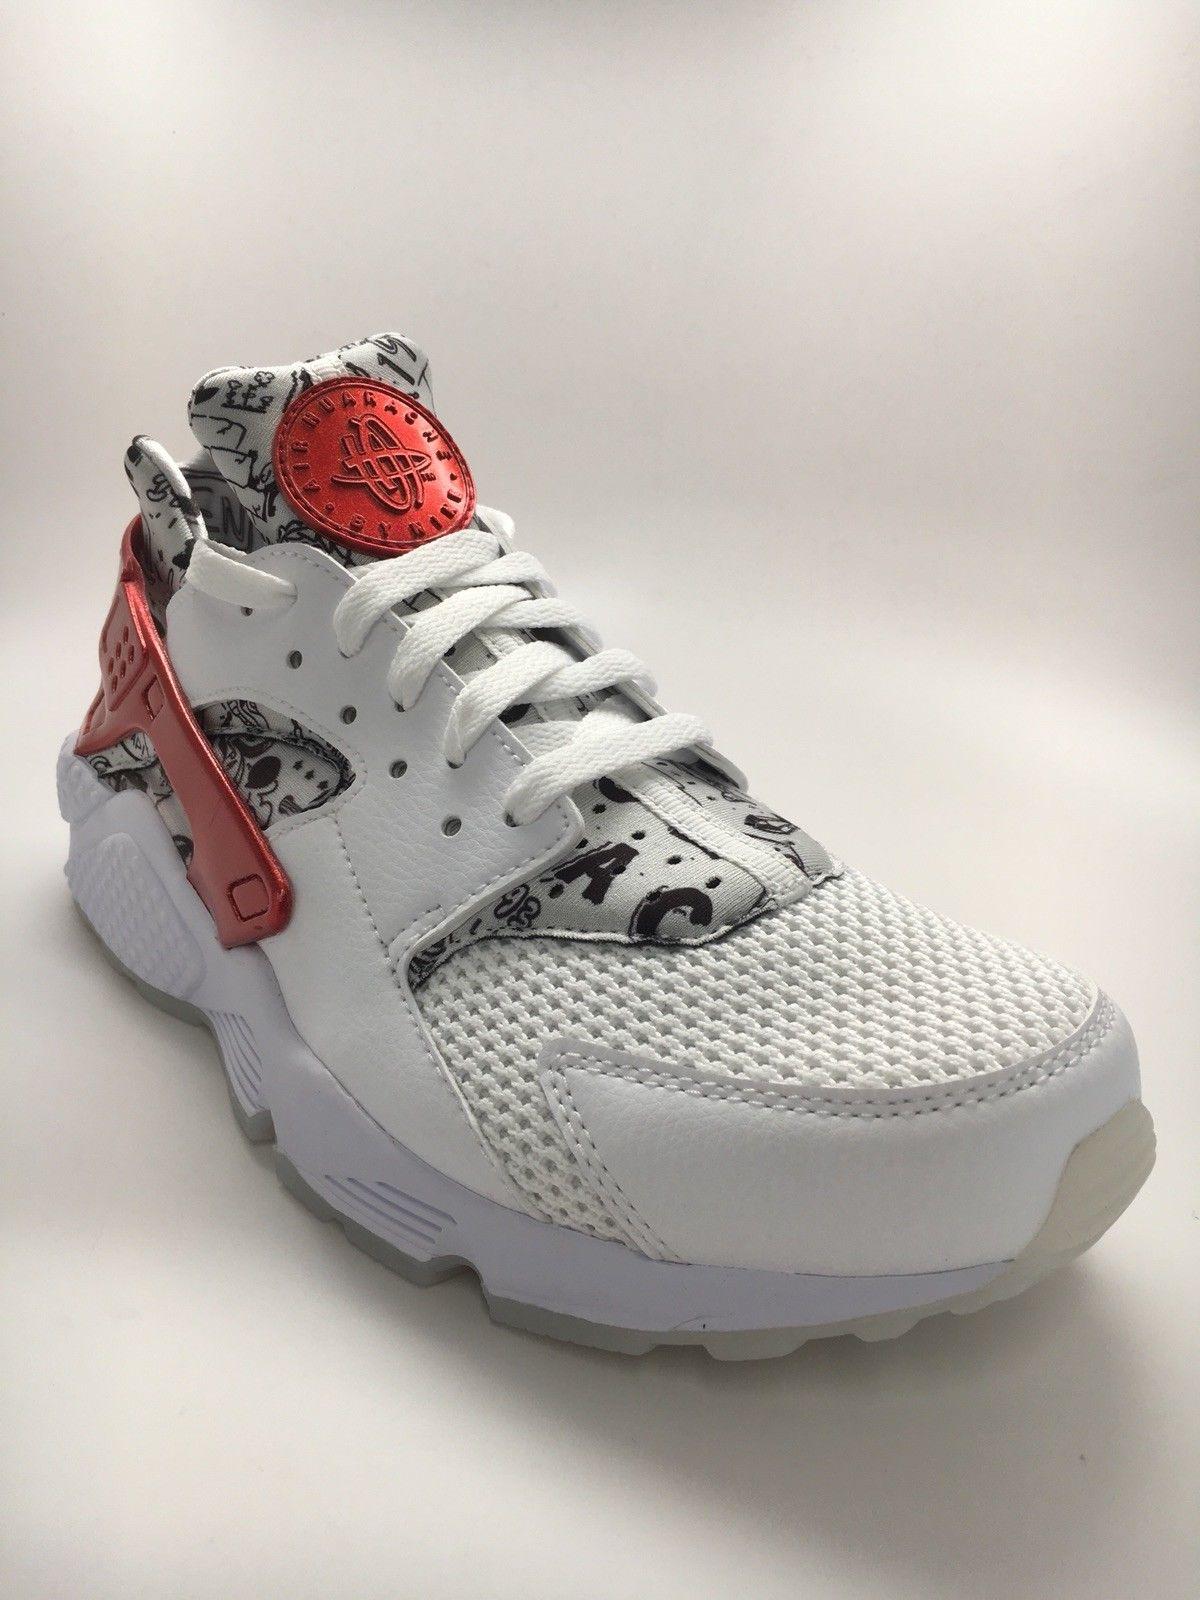 wholesale dealer 988d3 ca4e5 Des baskets Nike Air Huarache, run QS, pour le 25 ème anniversaire de la  marque, blanc, noir et rouge, pointure 41 - vendus à 199   !